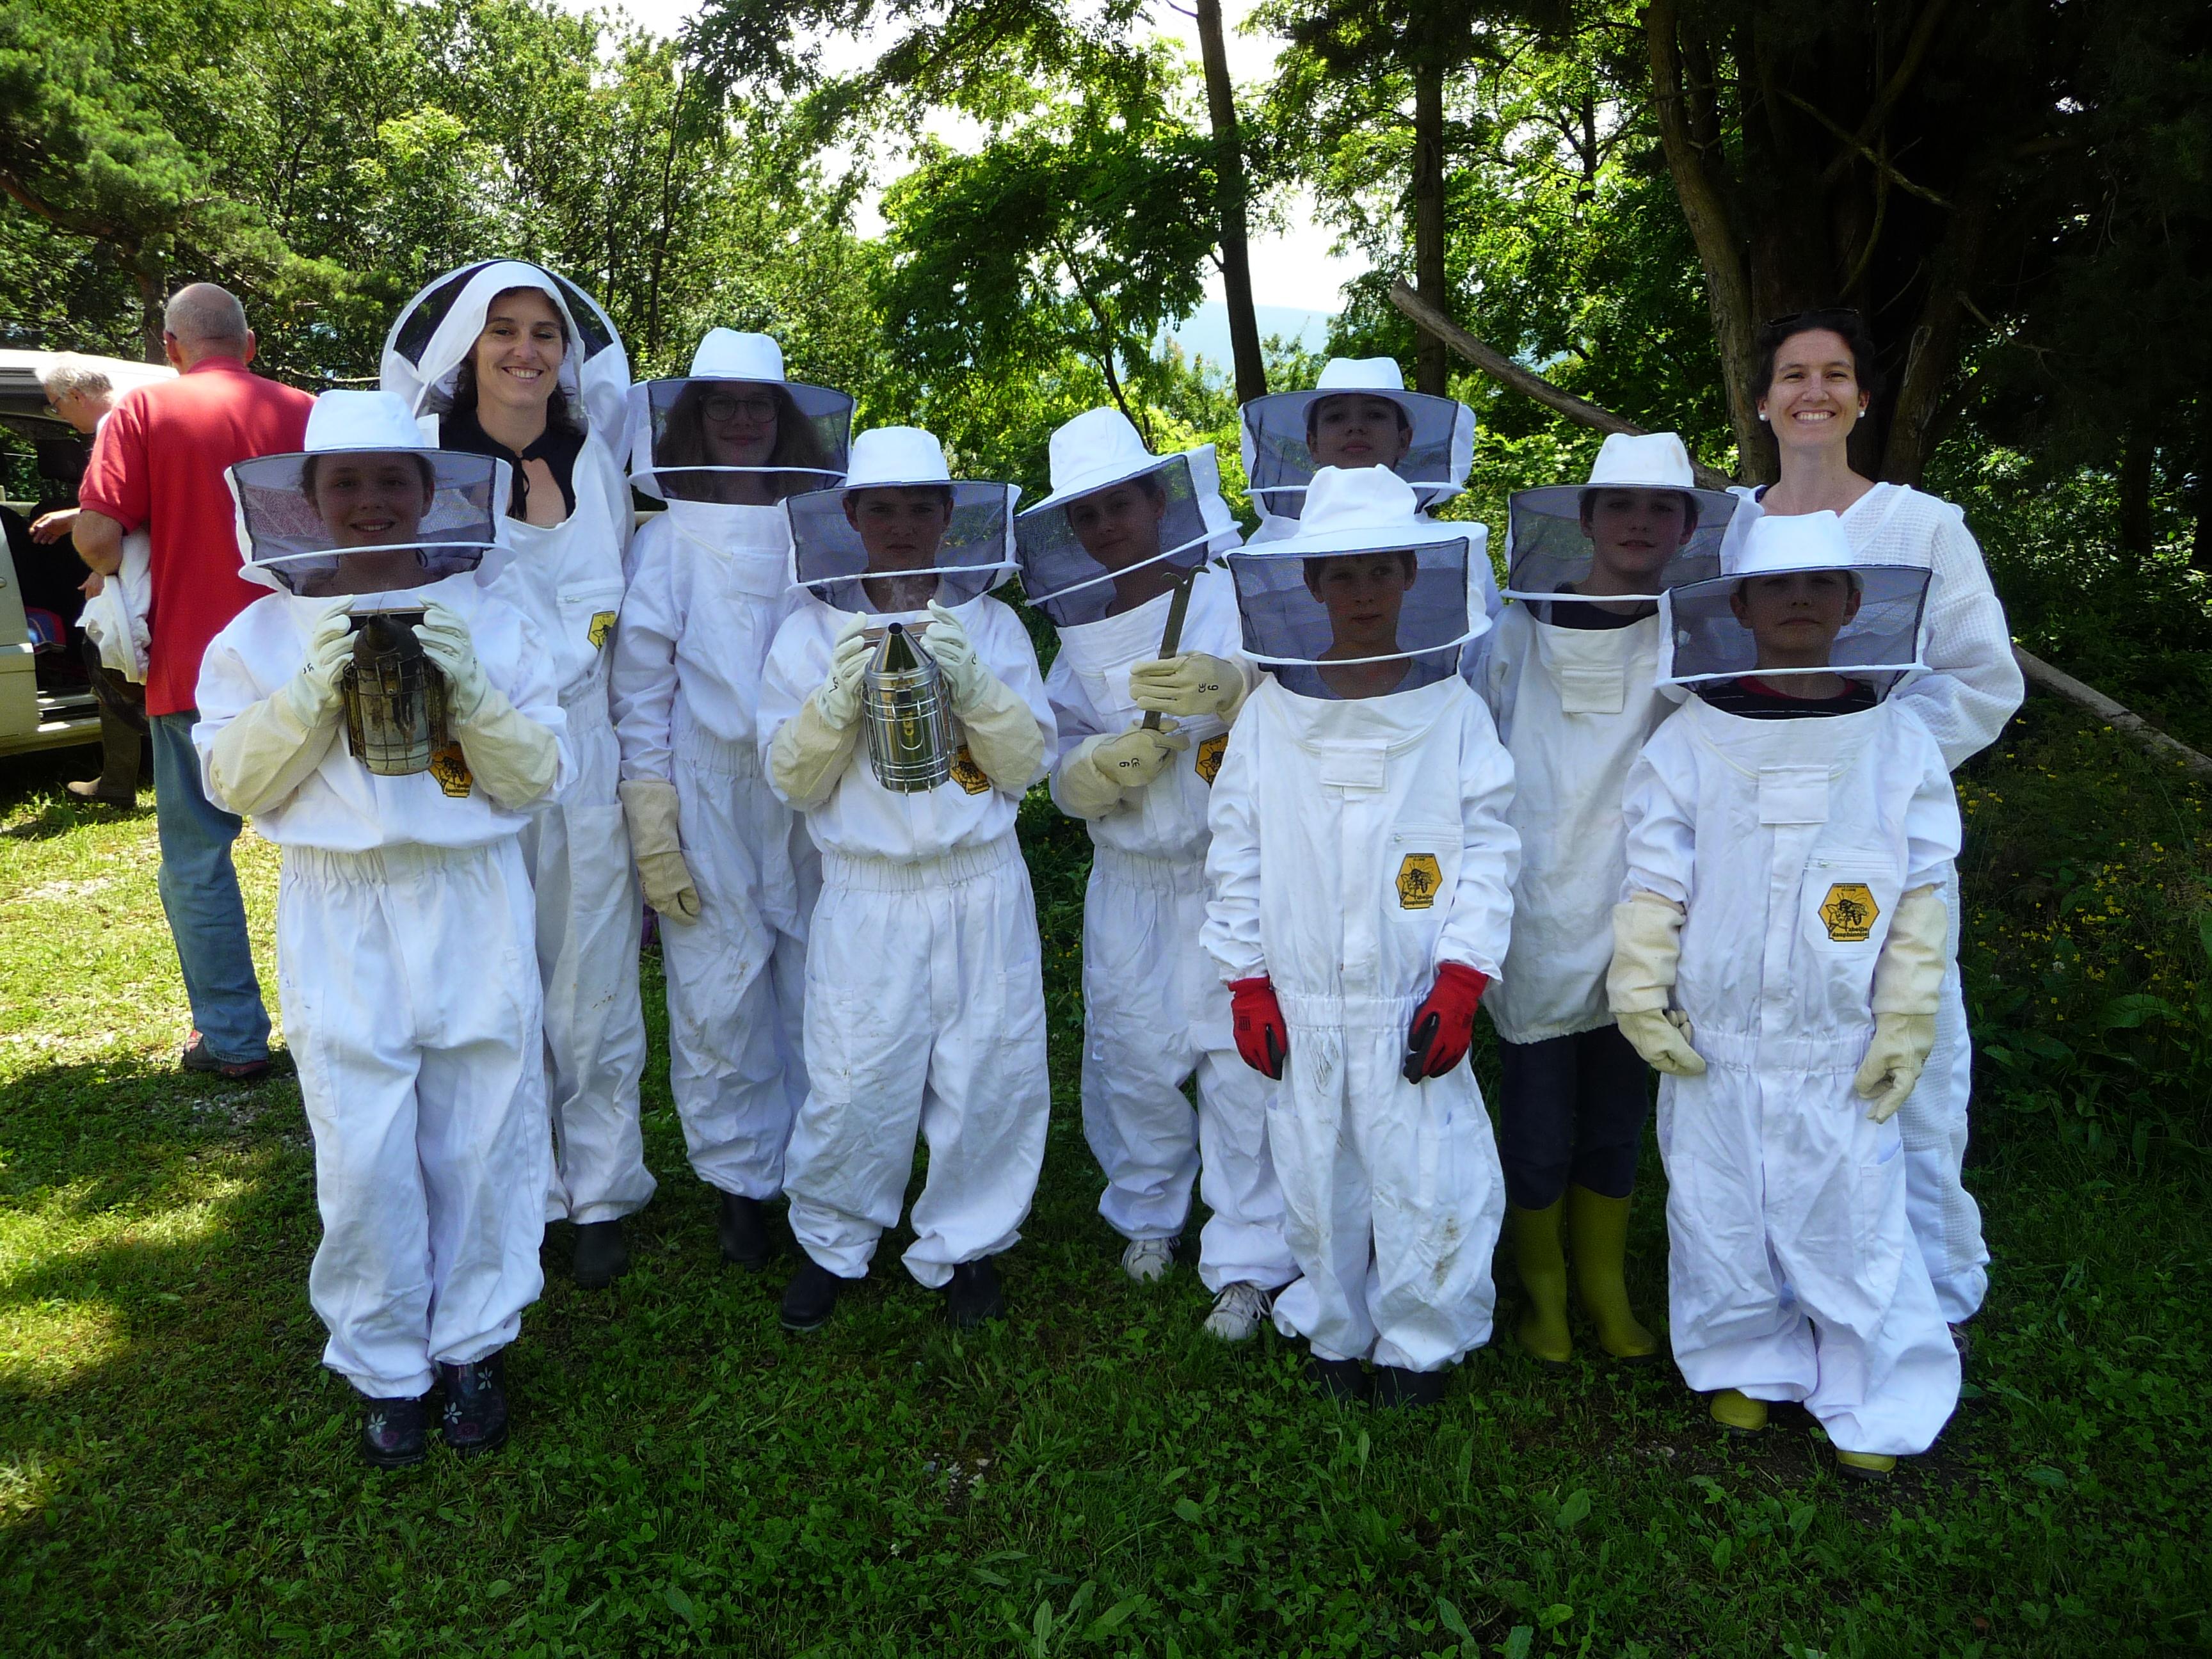 Les apiculteurs de l'Abeille Dauphinoise étaient avec nous